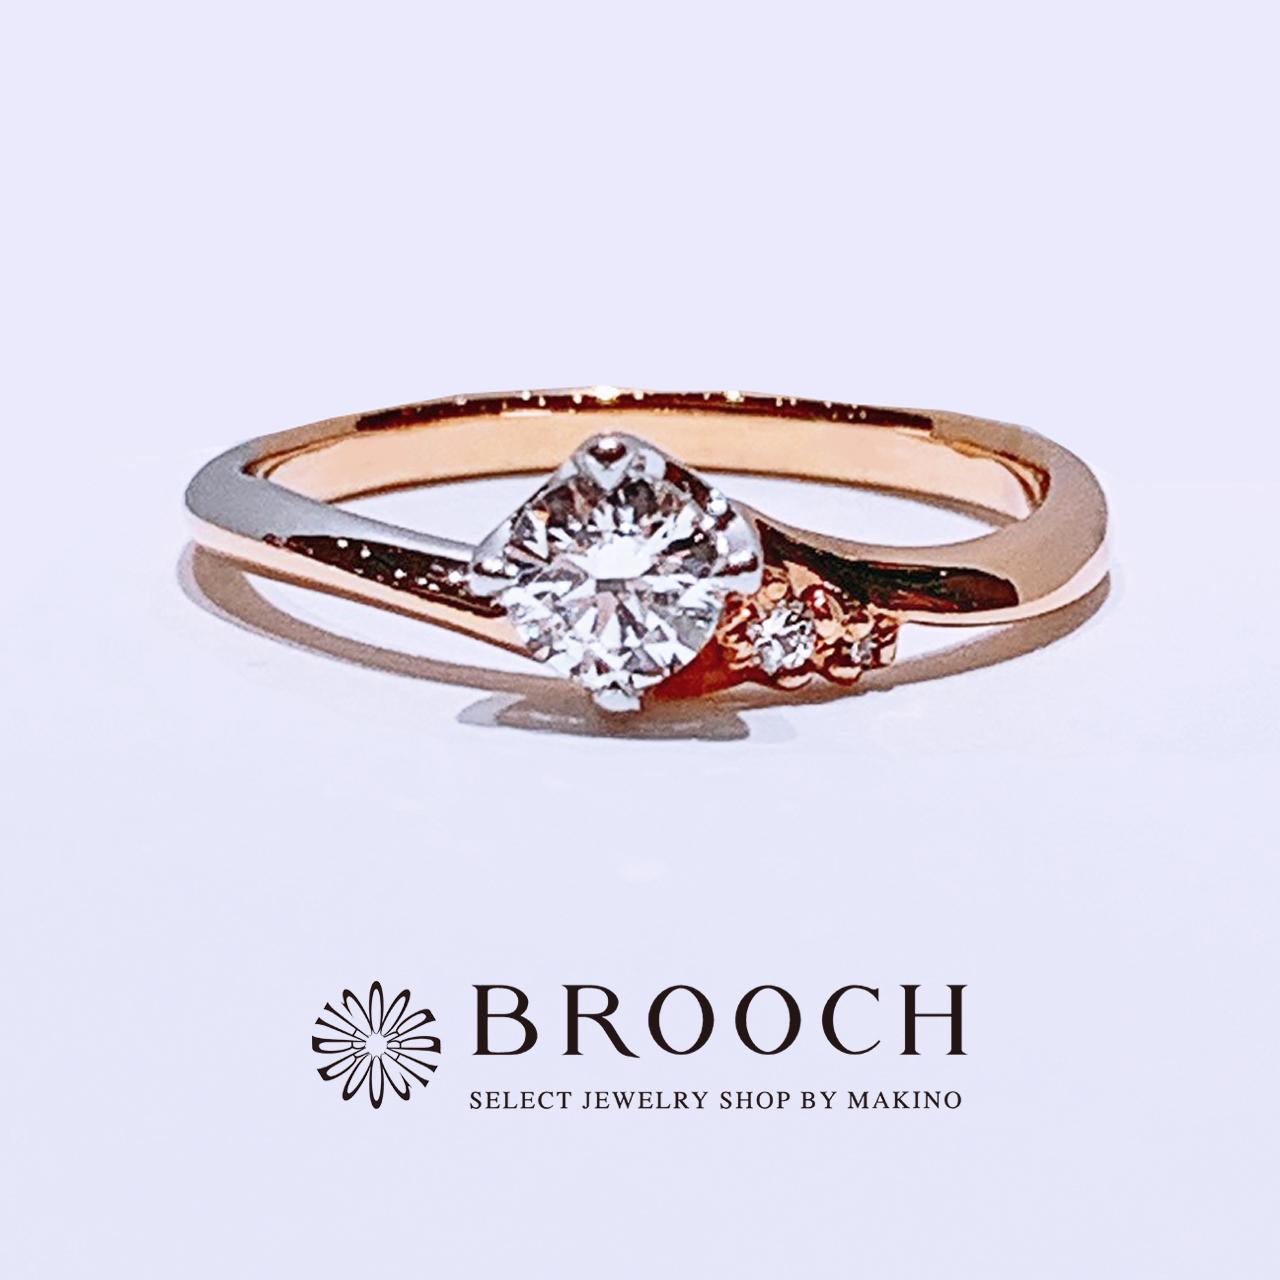 BROOCH 婚約指輪 エンゲージリング 二色コンビネーションリング